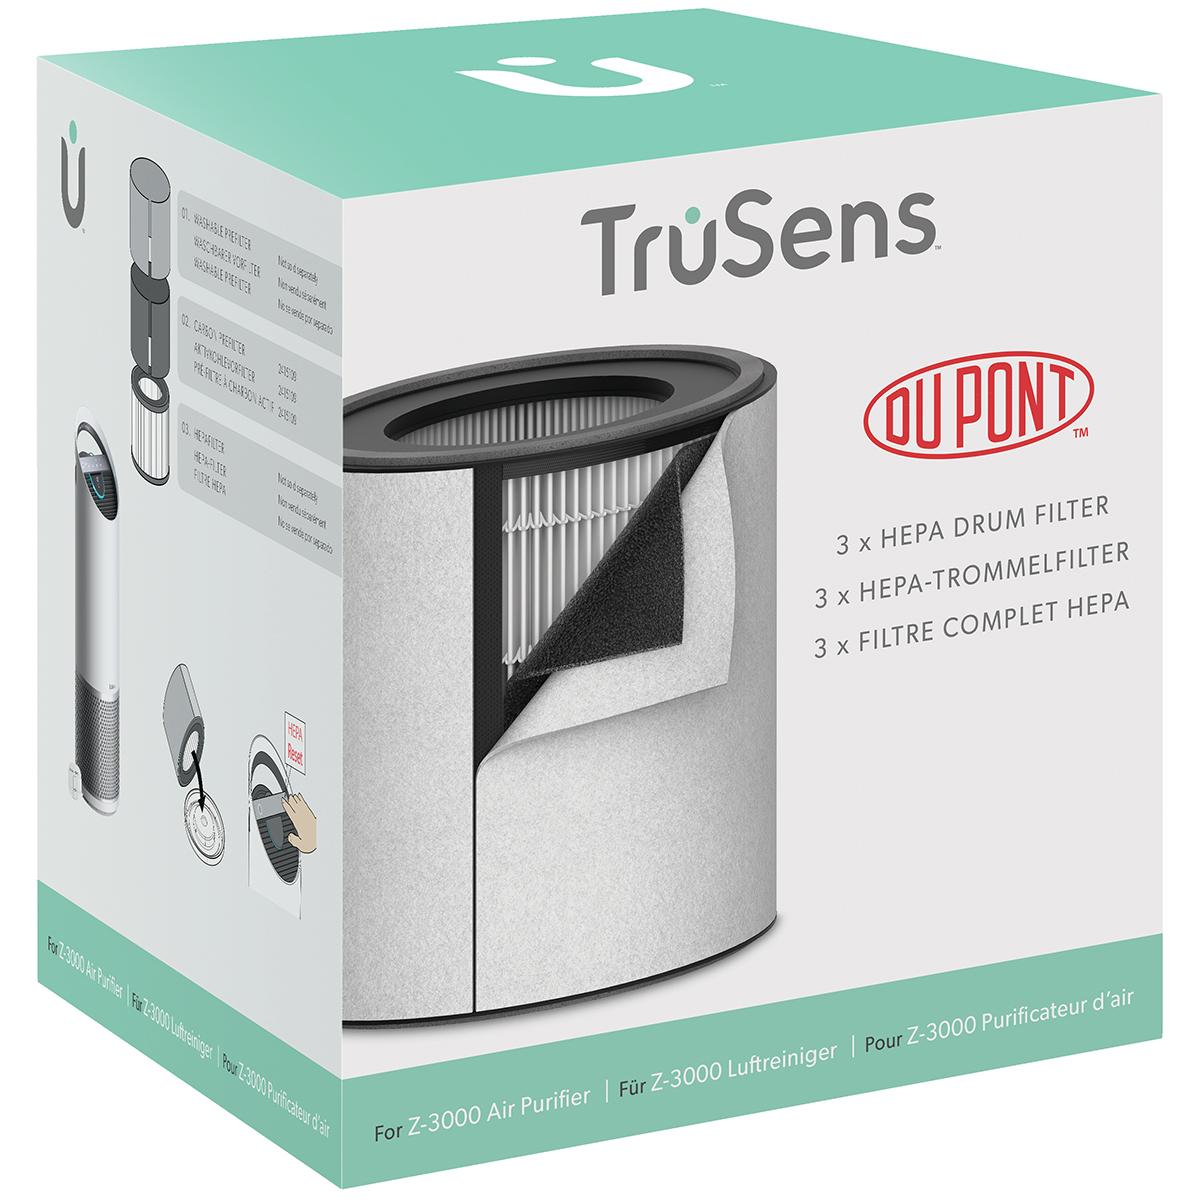 Leitz TruSens Z-3000 HEPA Filter Drum